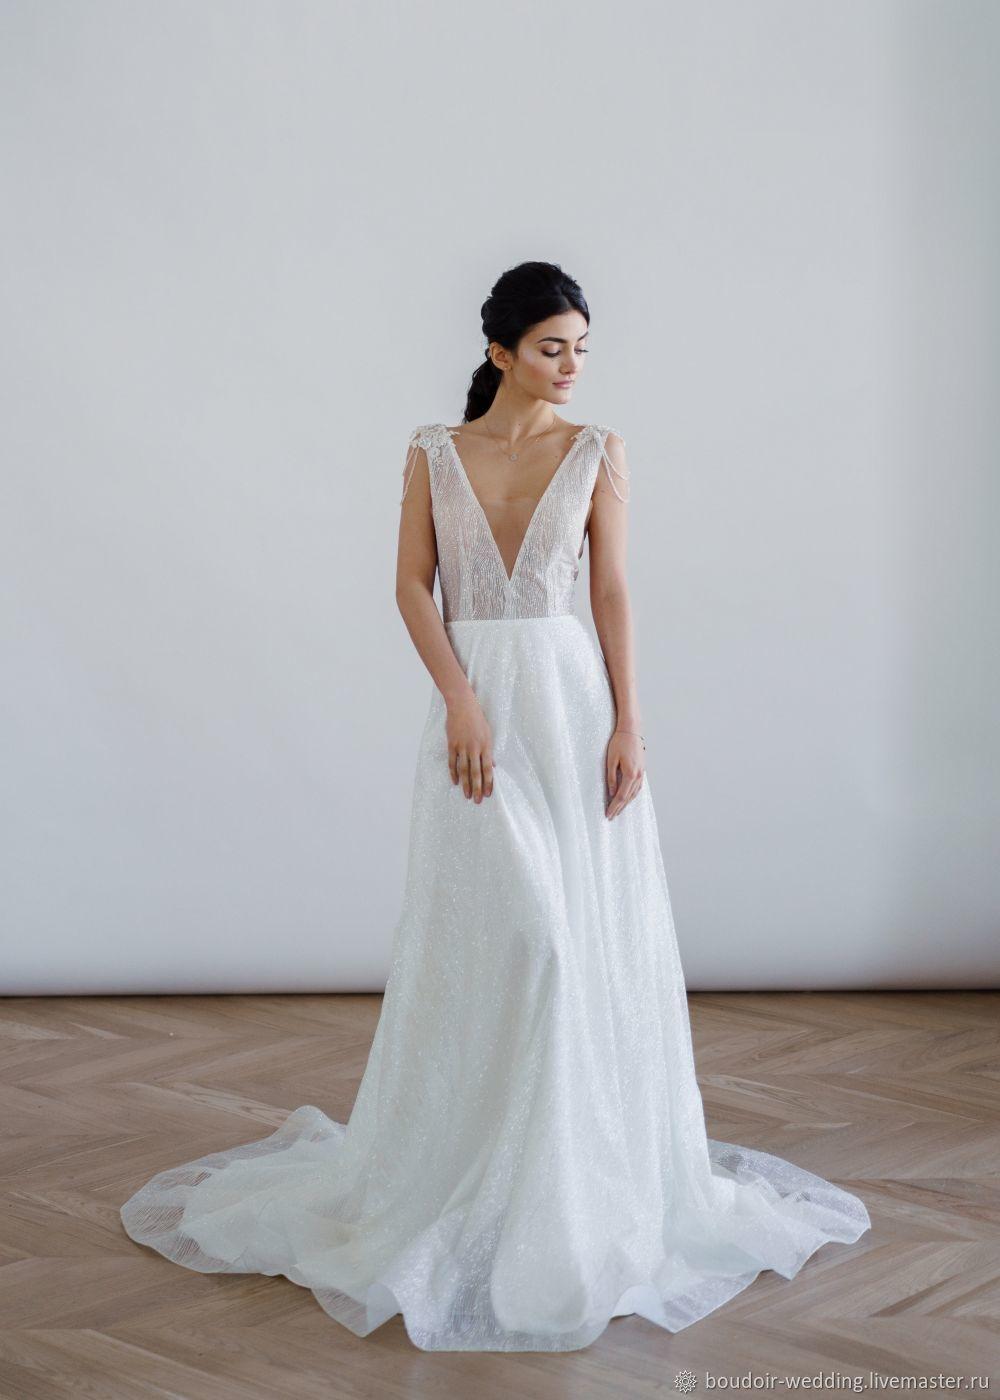 Искрящиеся свадебное платье Blossom не оставит никого равнодушным. Платье продуманное до мелочей.